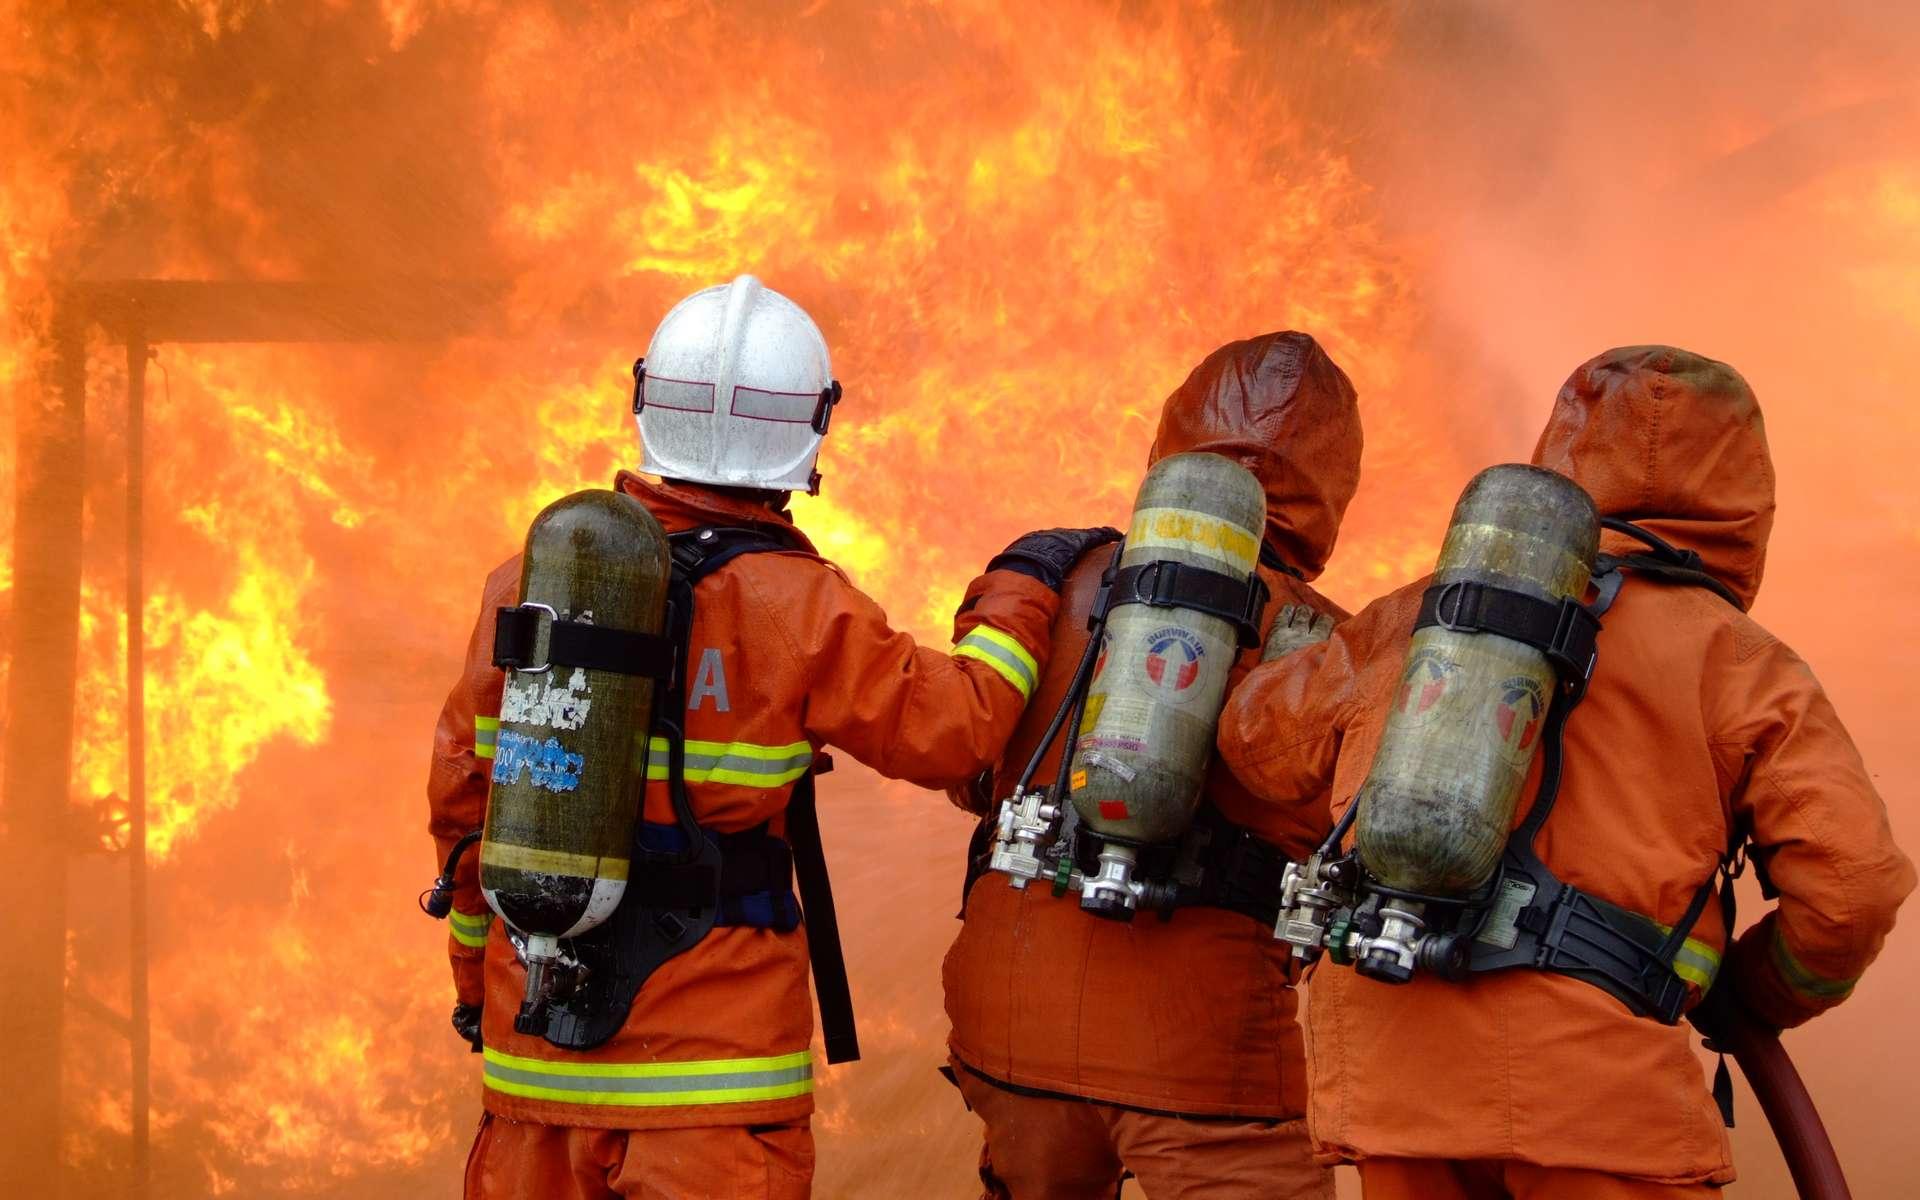 Un coupe-feu limite le développement d'un incendie. © Zagreb-Fire, Domaine public, Wikimedia Commons